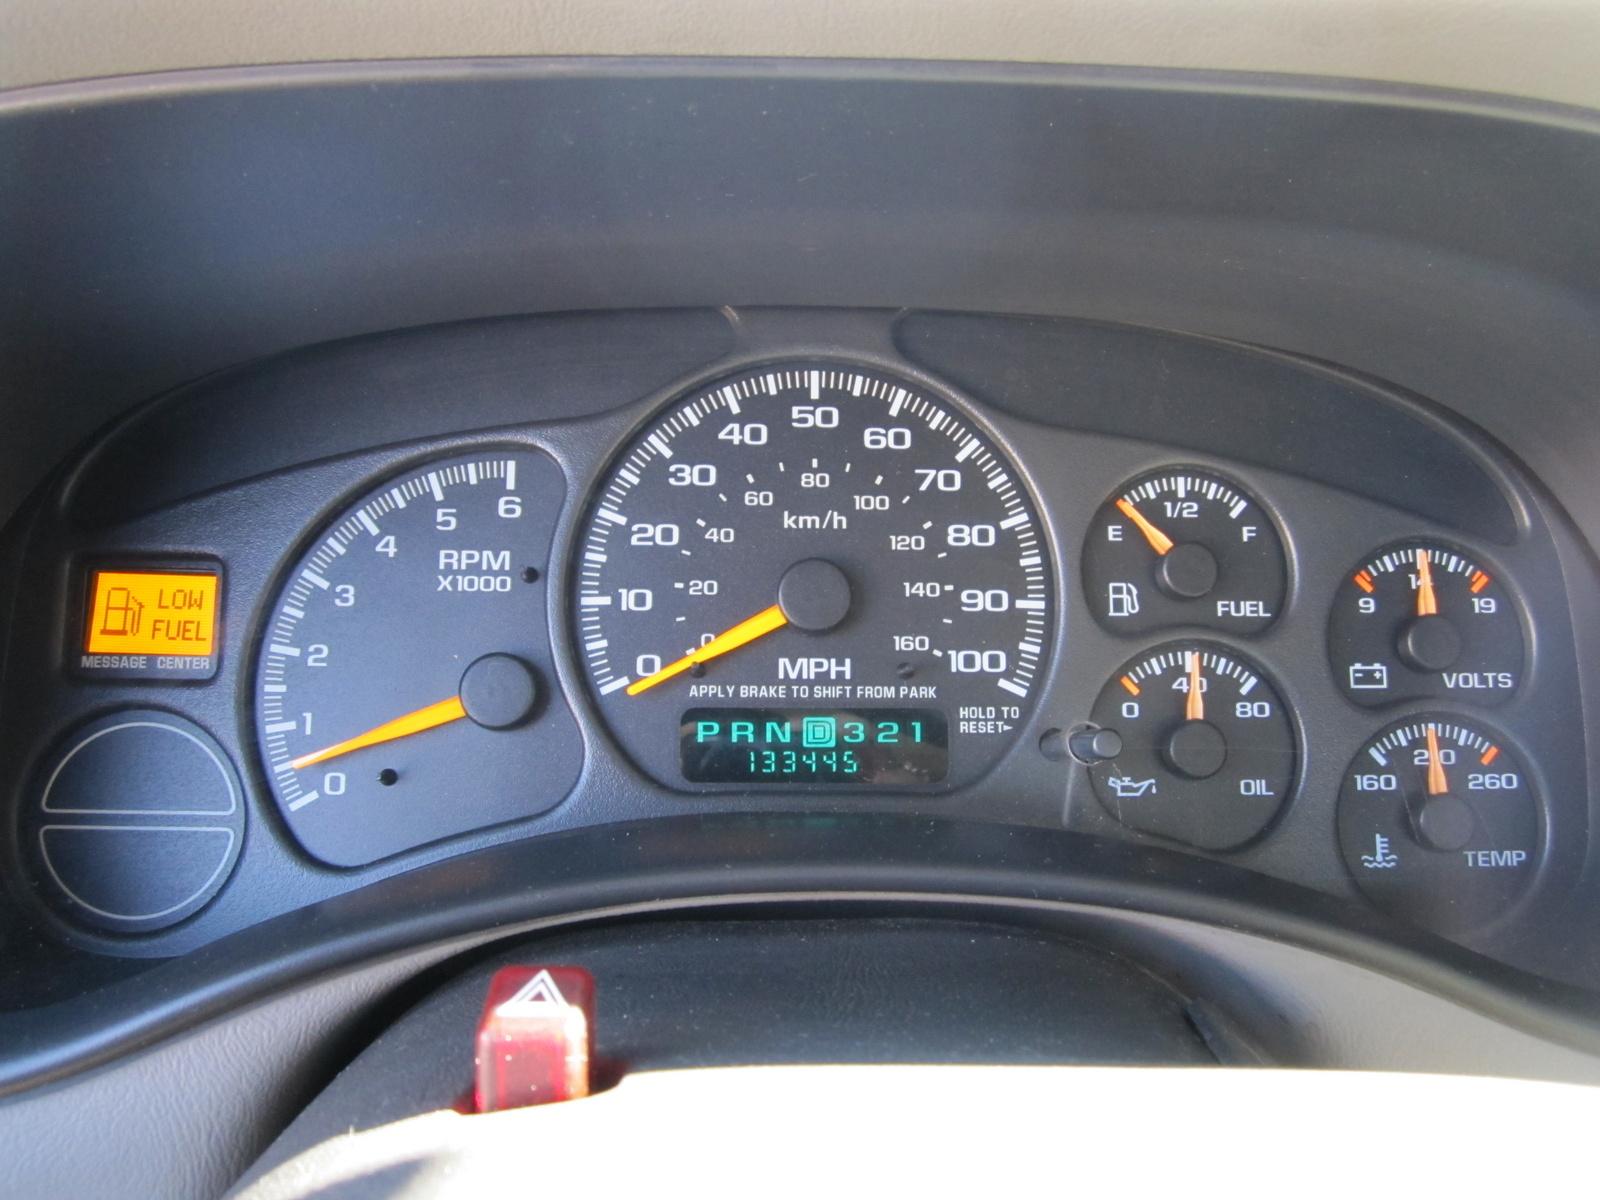 1995 Silverado Extended Cab Interior Parts Diagram Autos Post